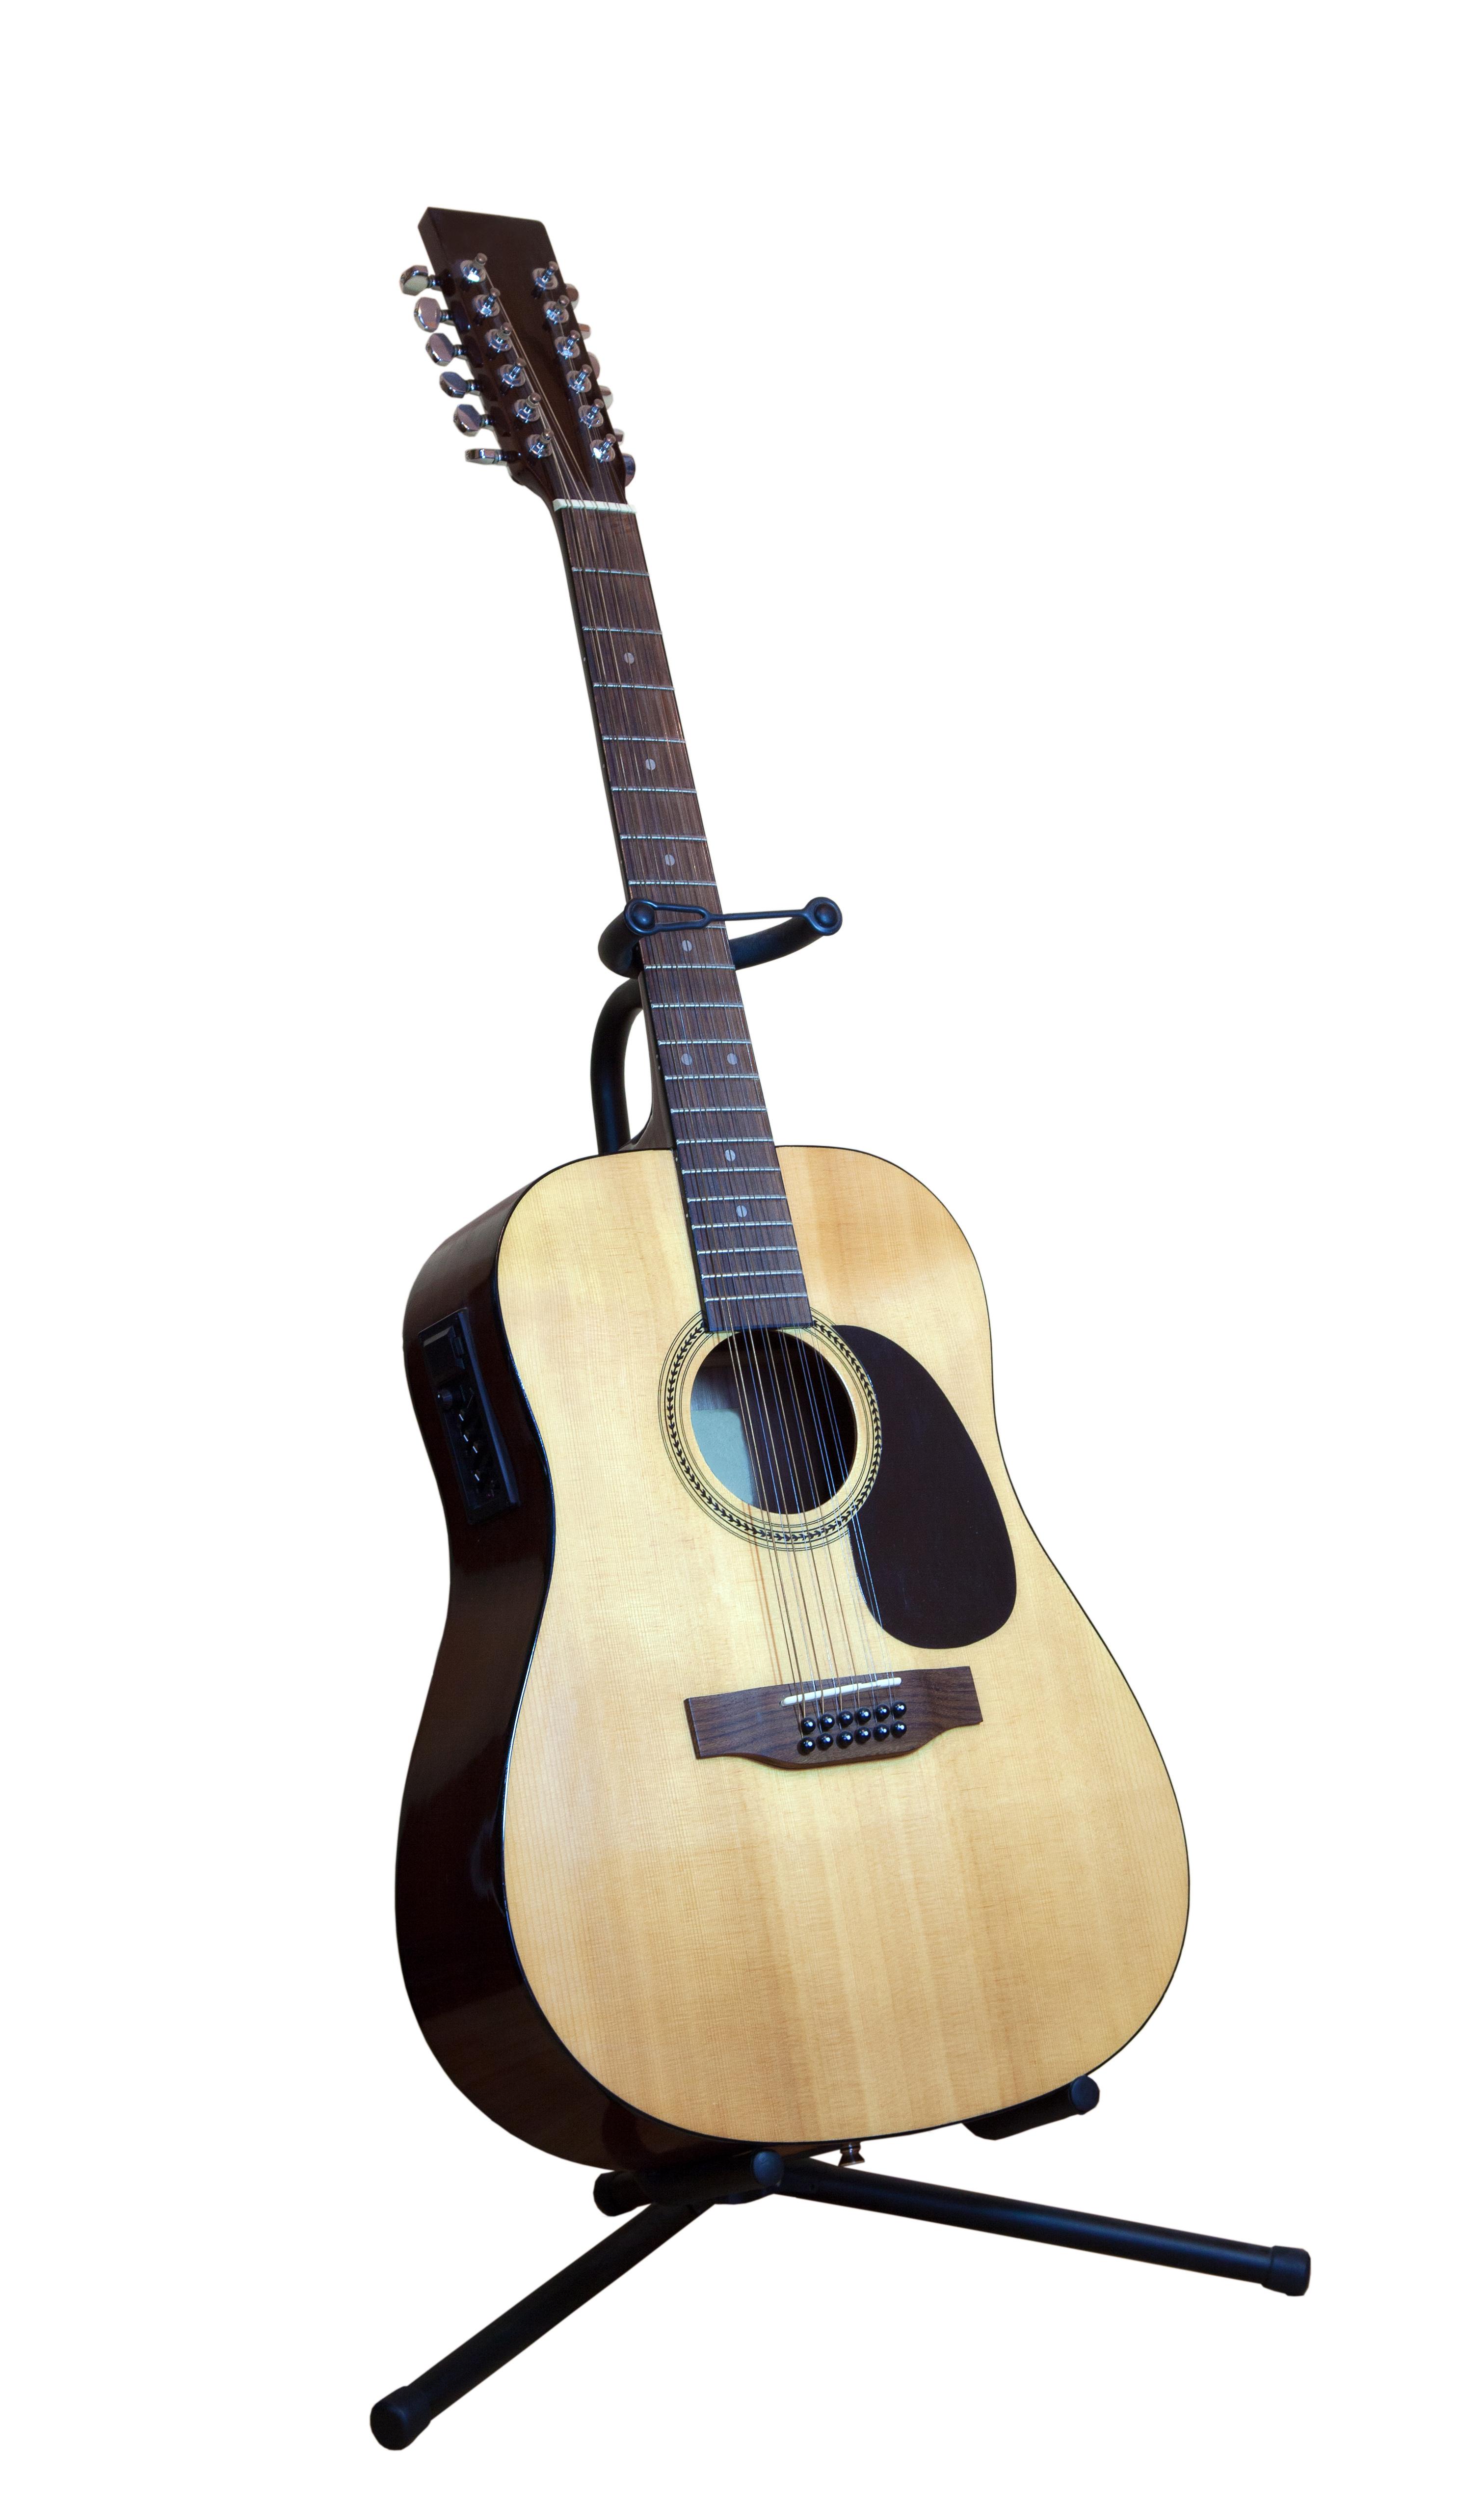 Pensez à tenir compte de votre gabari lors de l'achat d'une guitare sèche !